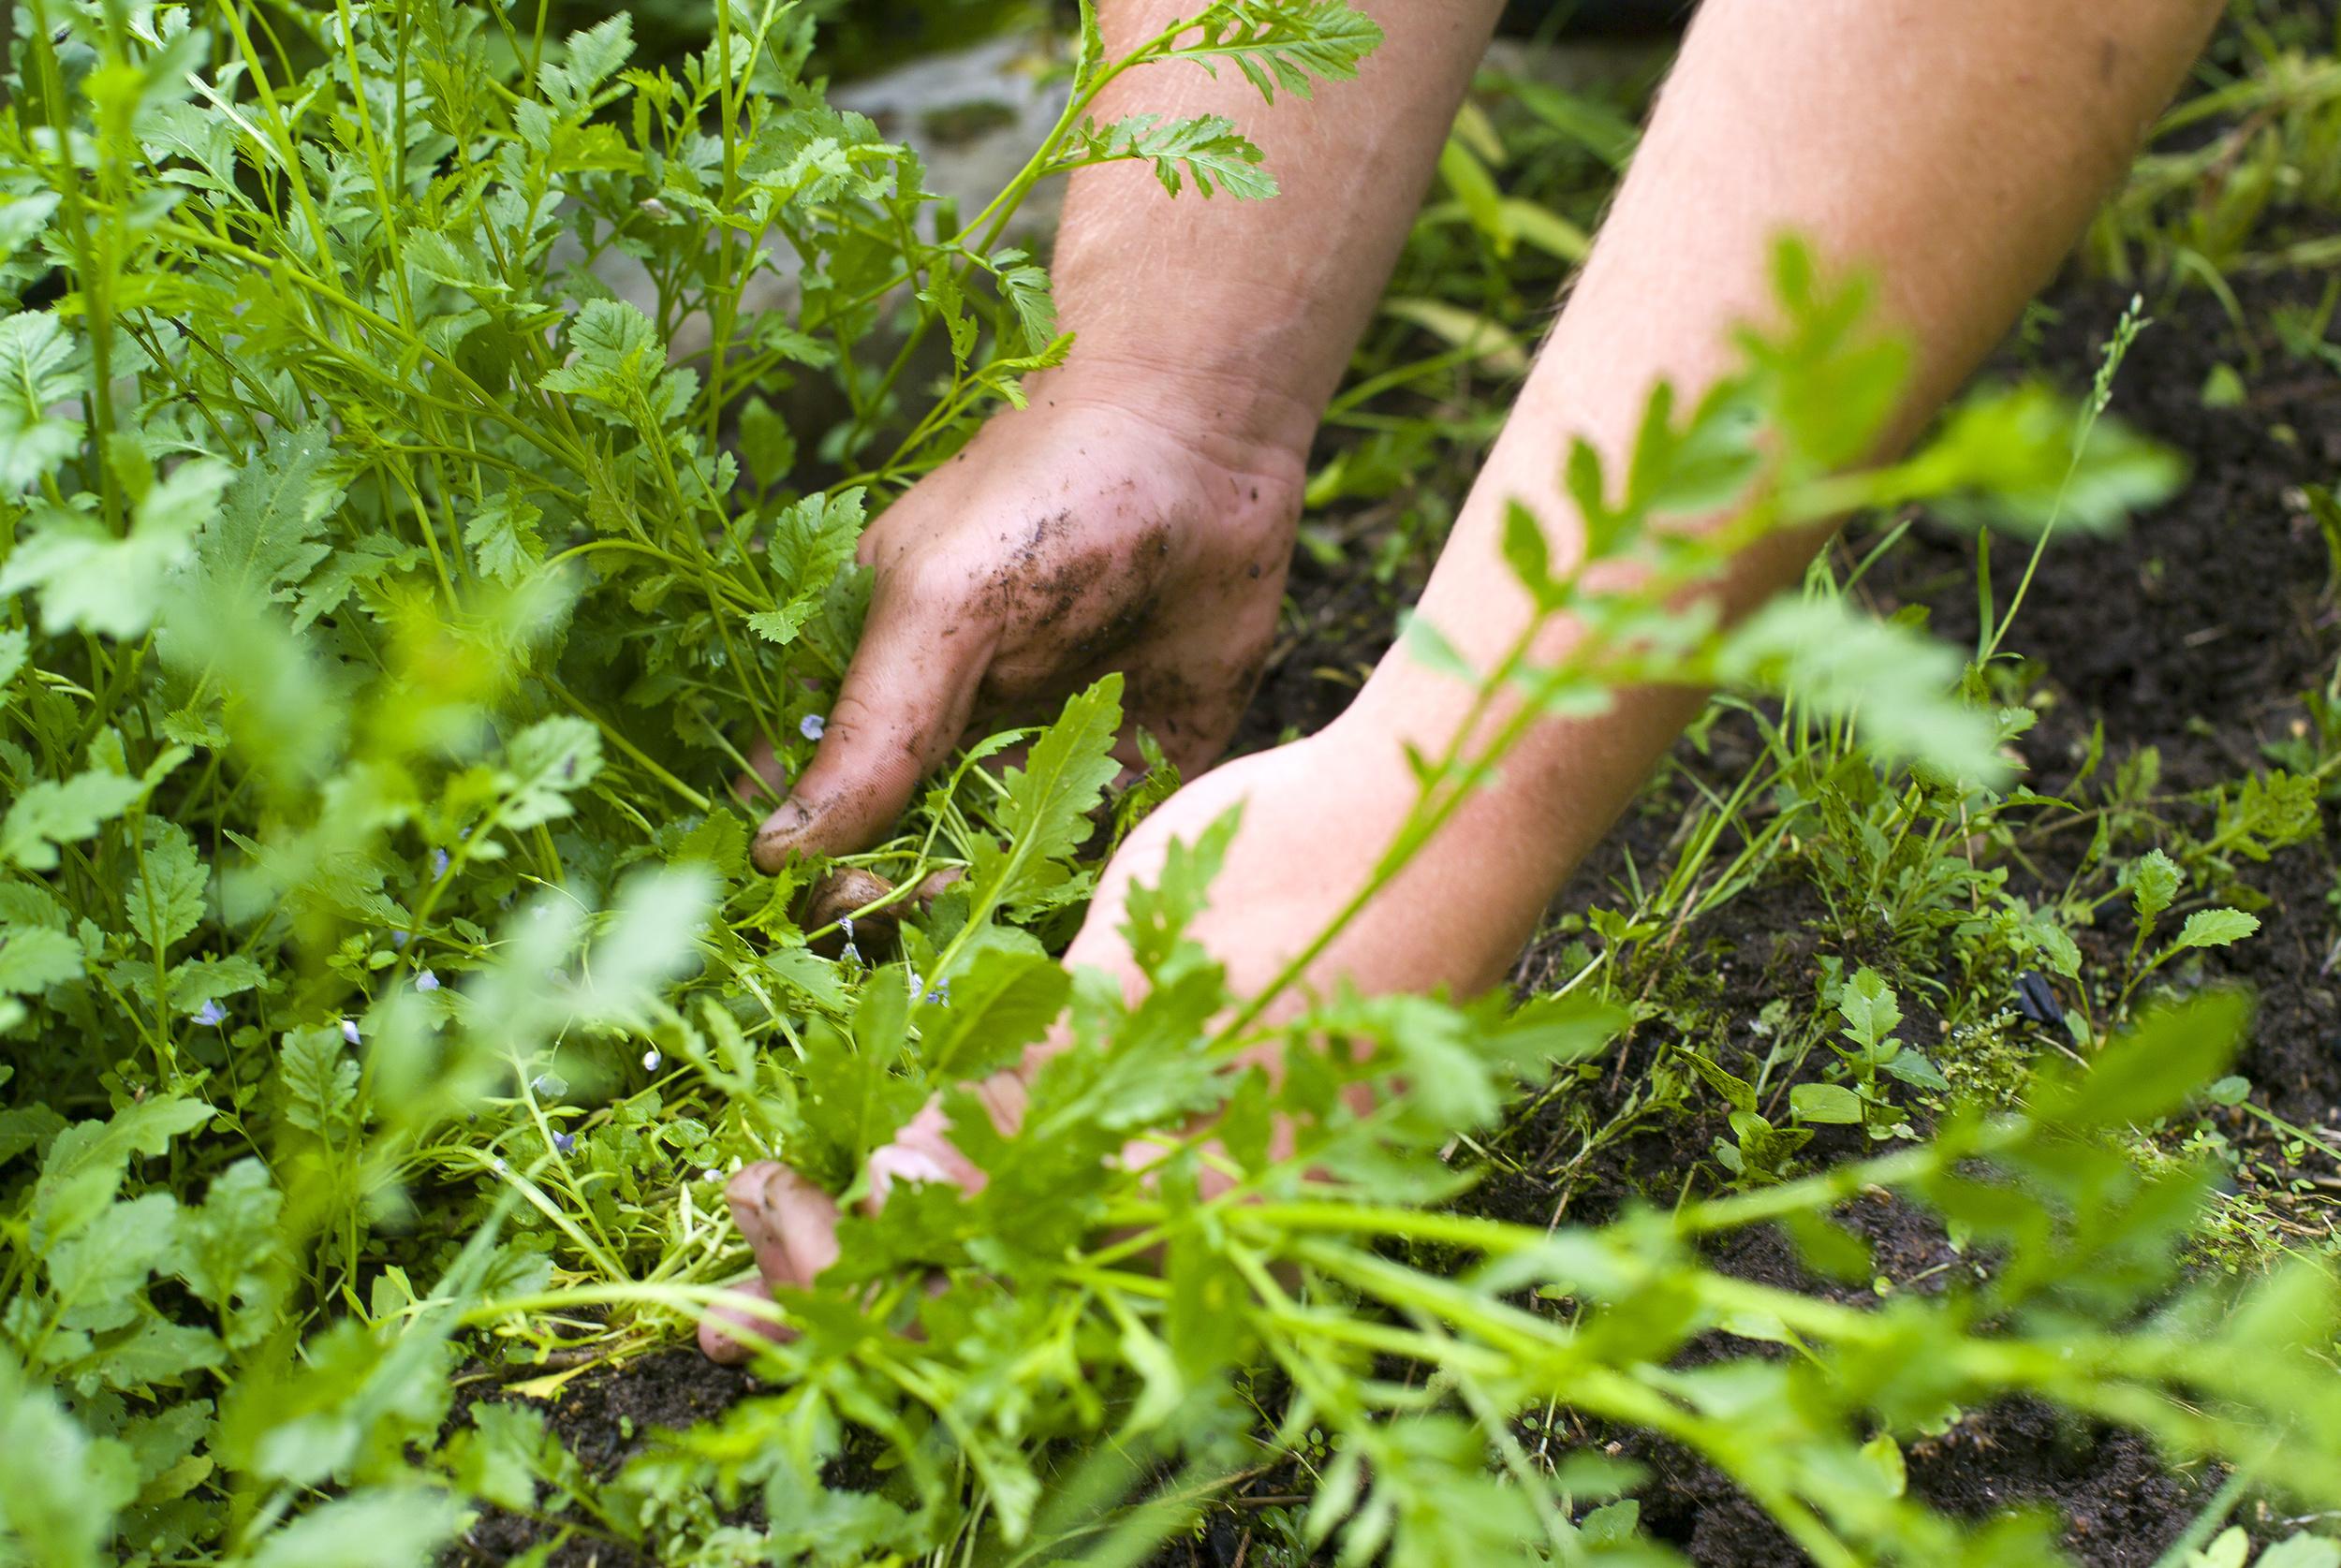 Redding Fertilization & Weed Control